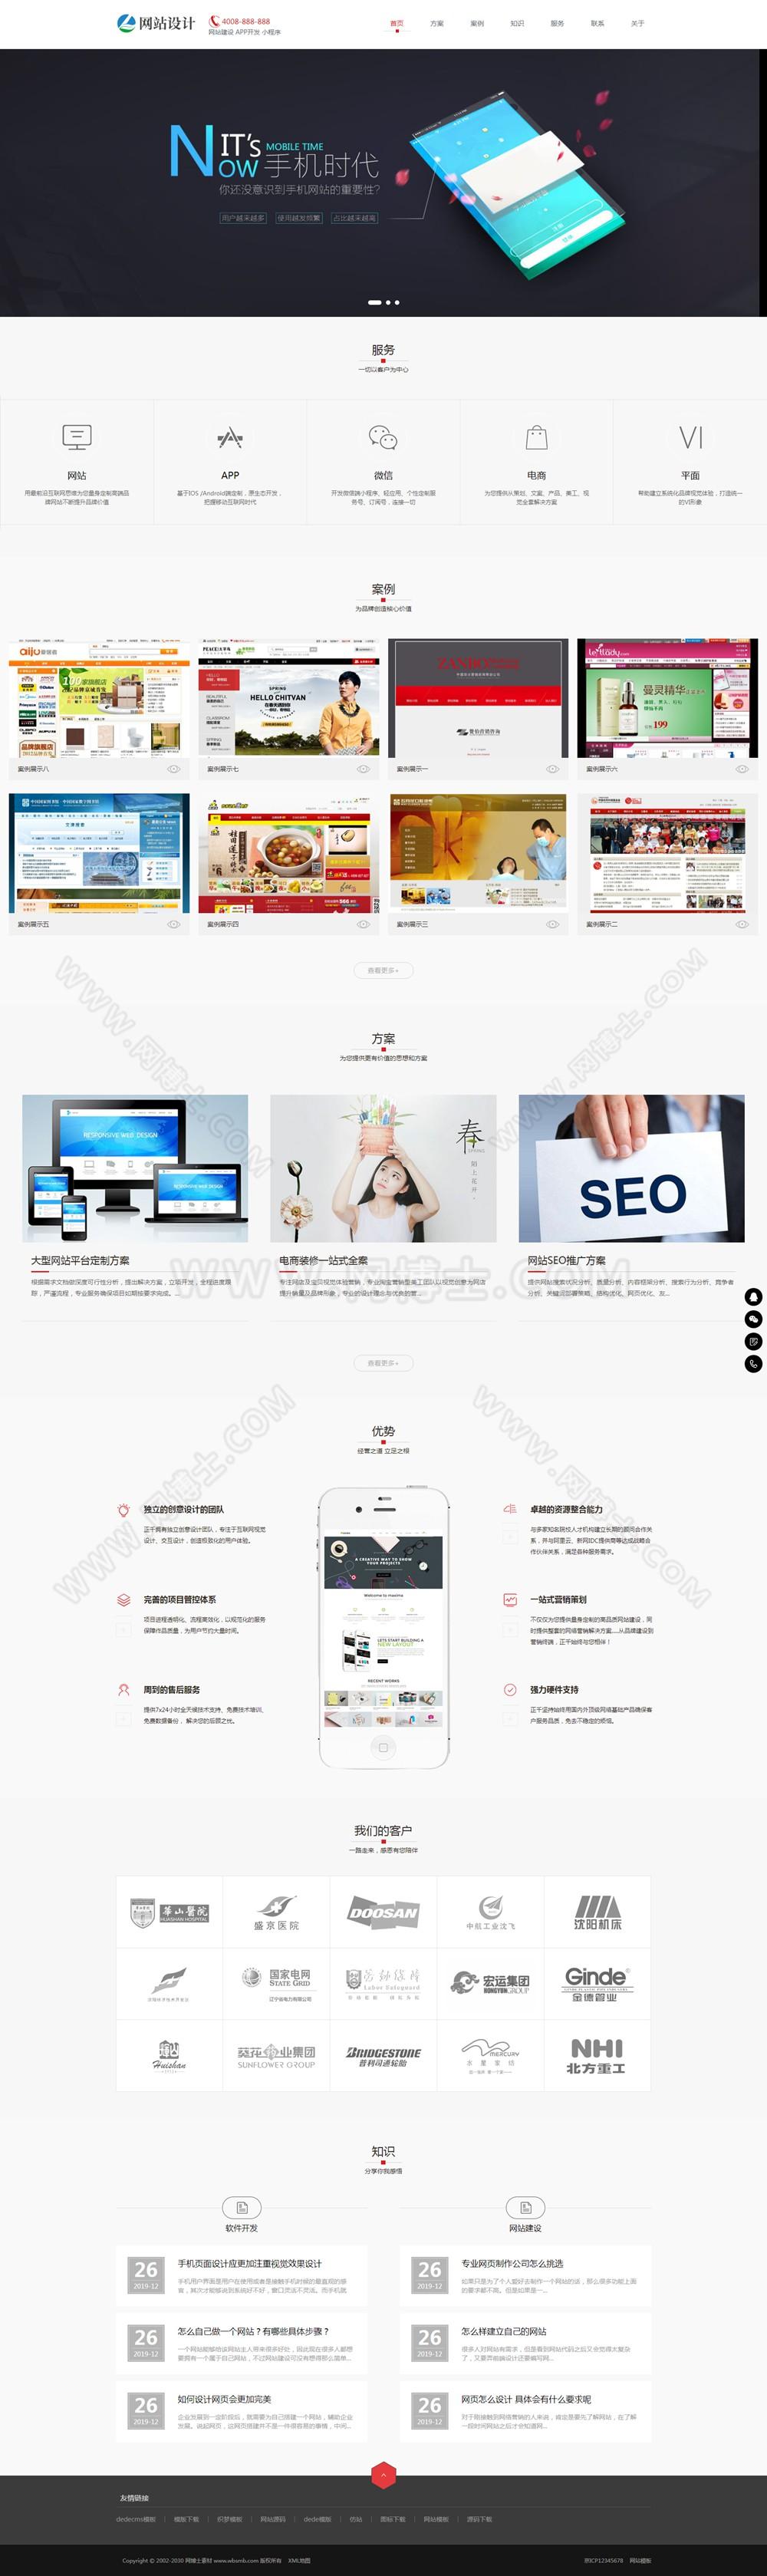 (自适应手机版)响应式网站建设软件开发小程序开发类网站织梦模板 HTML5建站公司网站